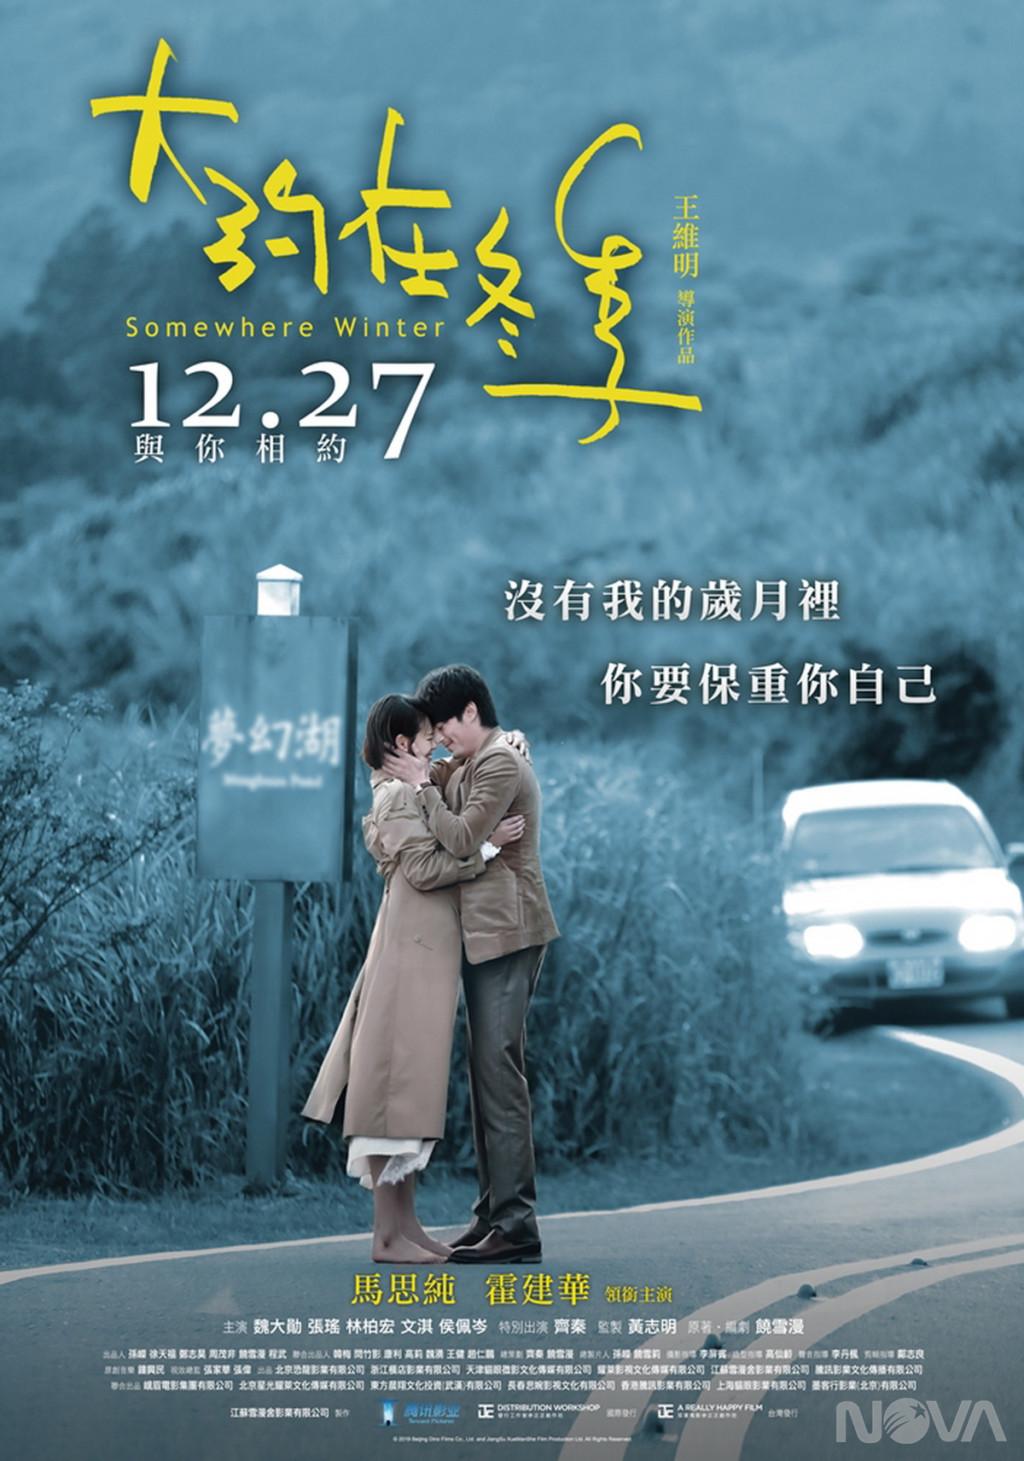 影評/馬思純與霍建華「愛了30年」敵不過命運 《大約在冬季》喚醒心中「最遺憾的事」